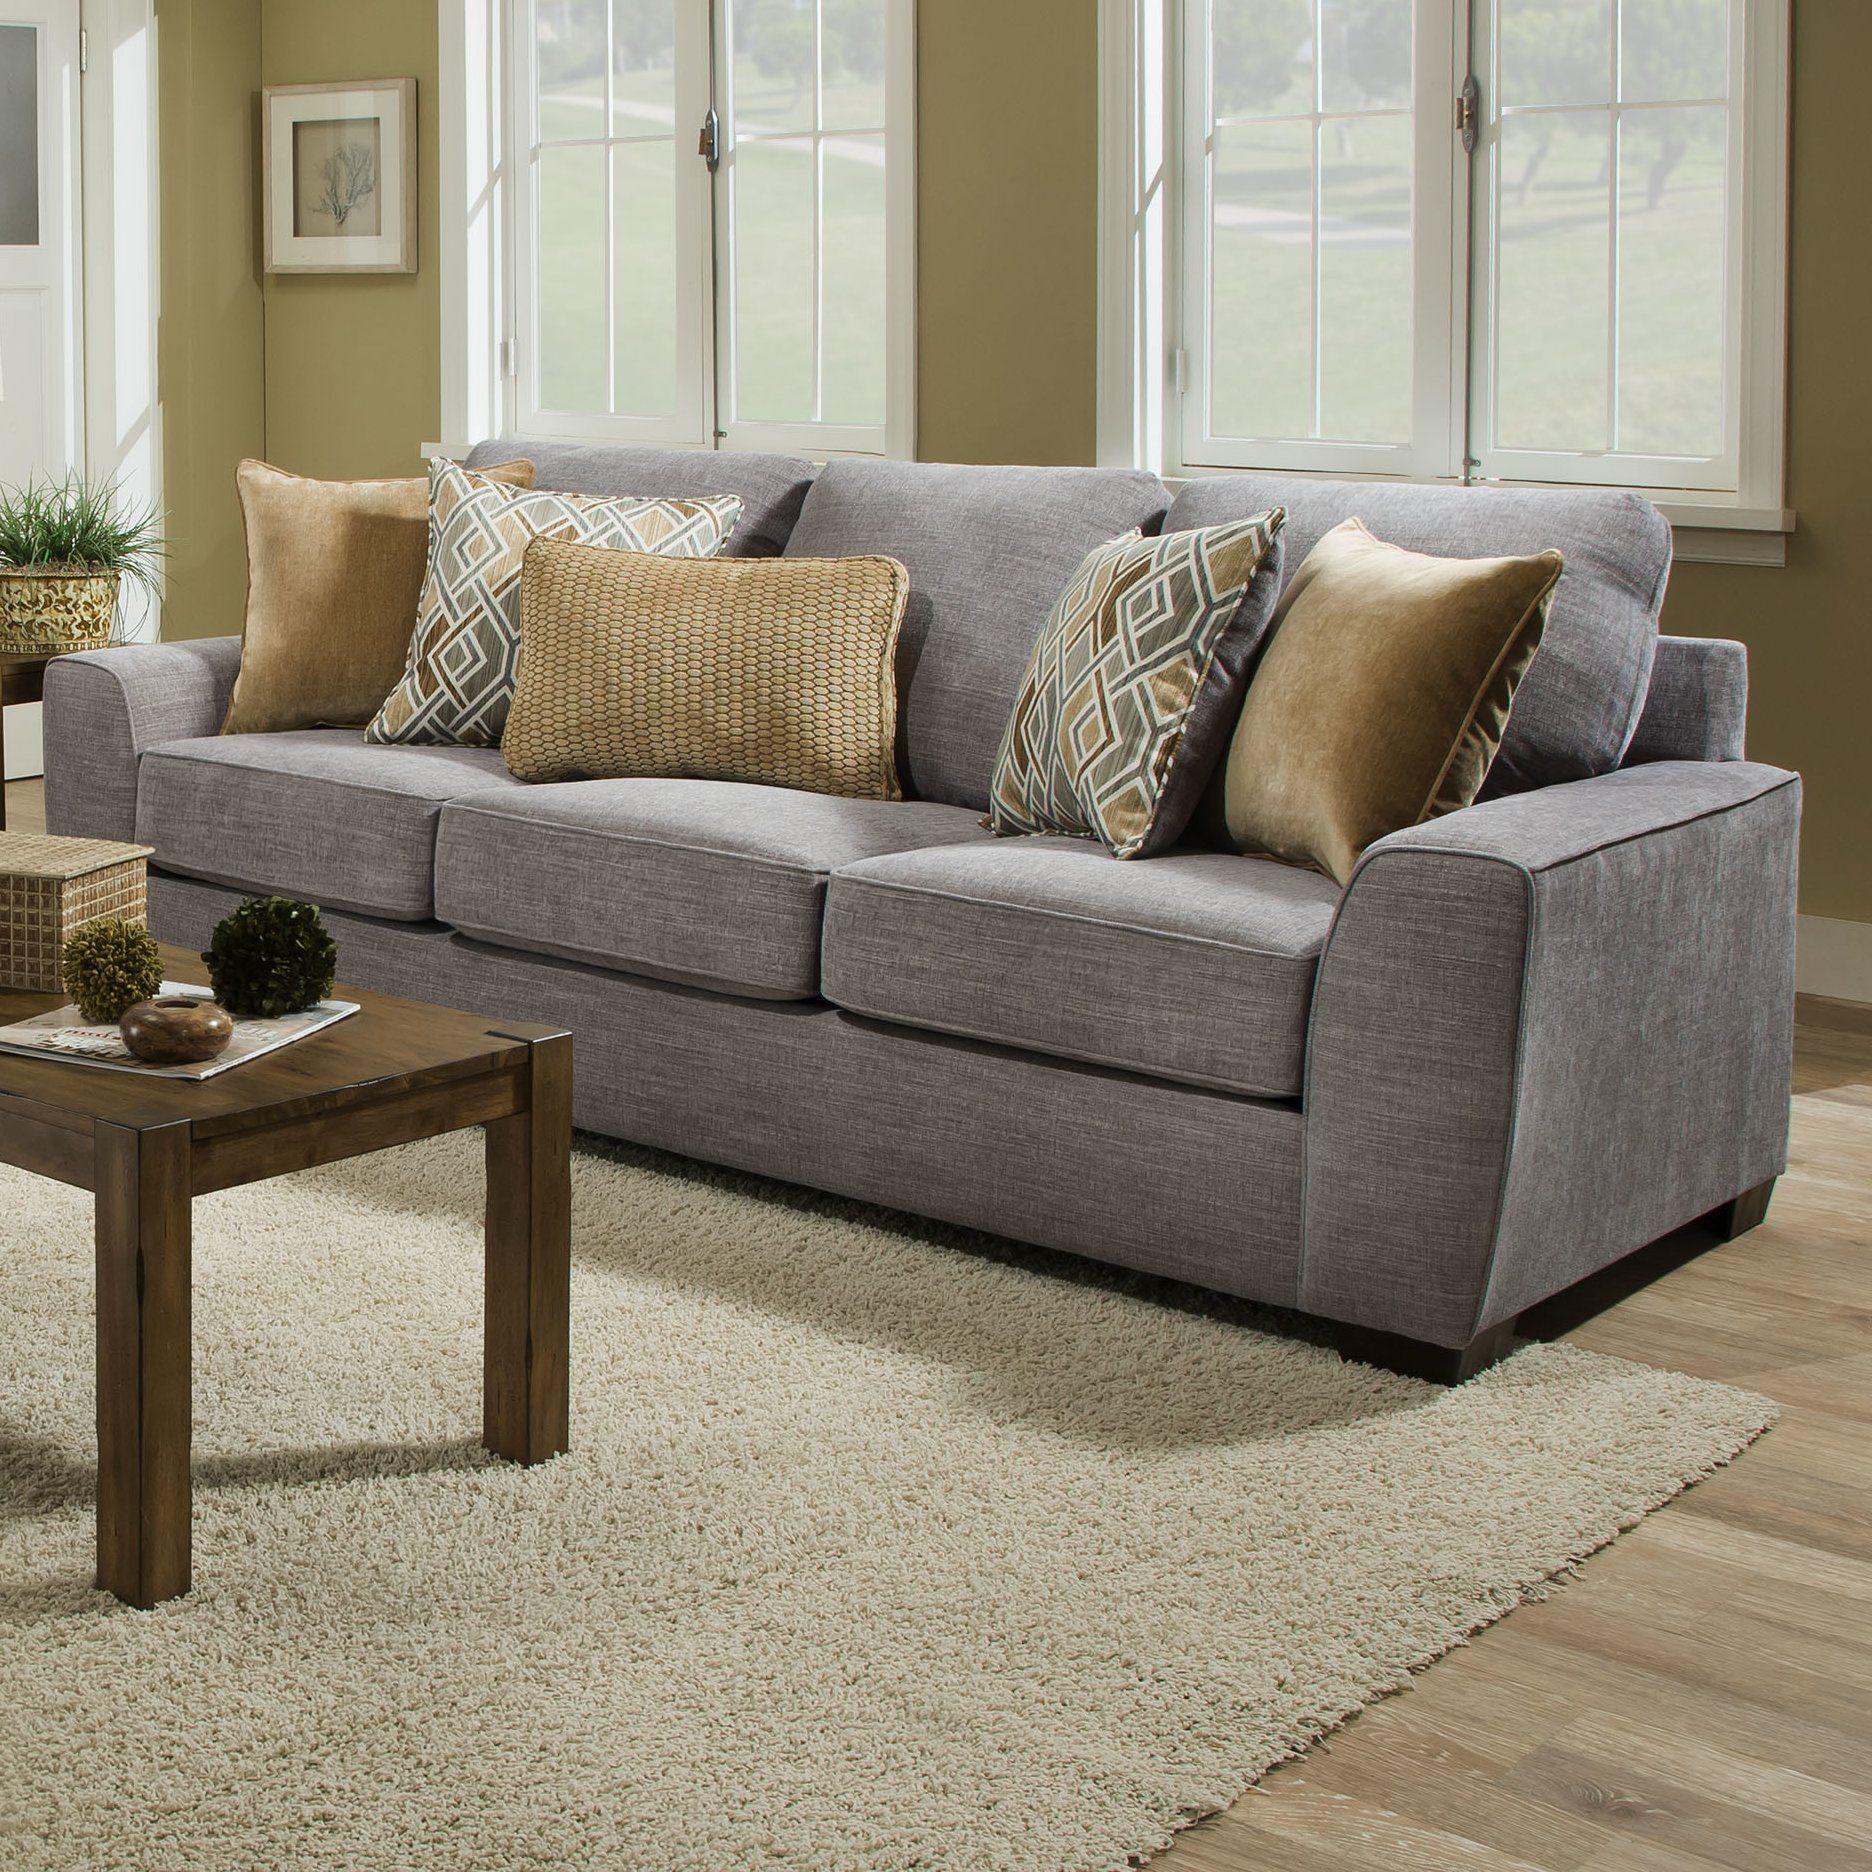 Simmons Harter Sofa - Wayfair - light gray sofa - living ...